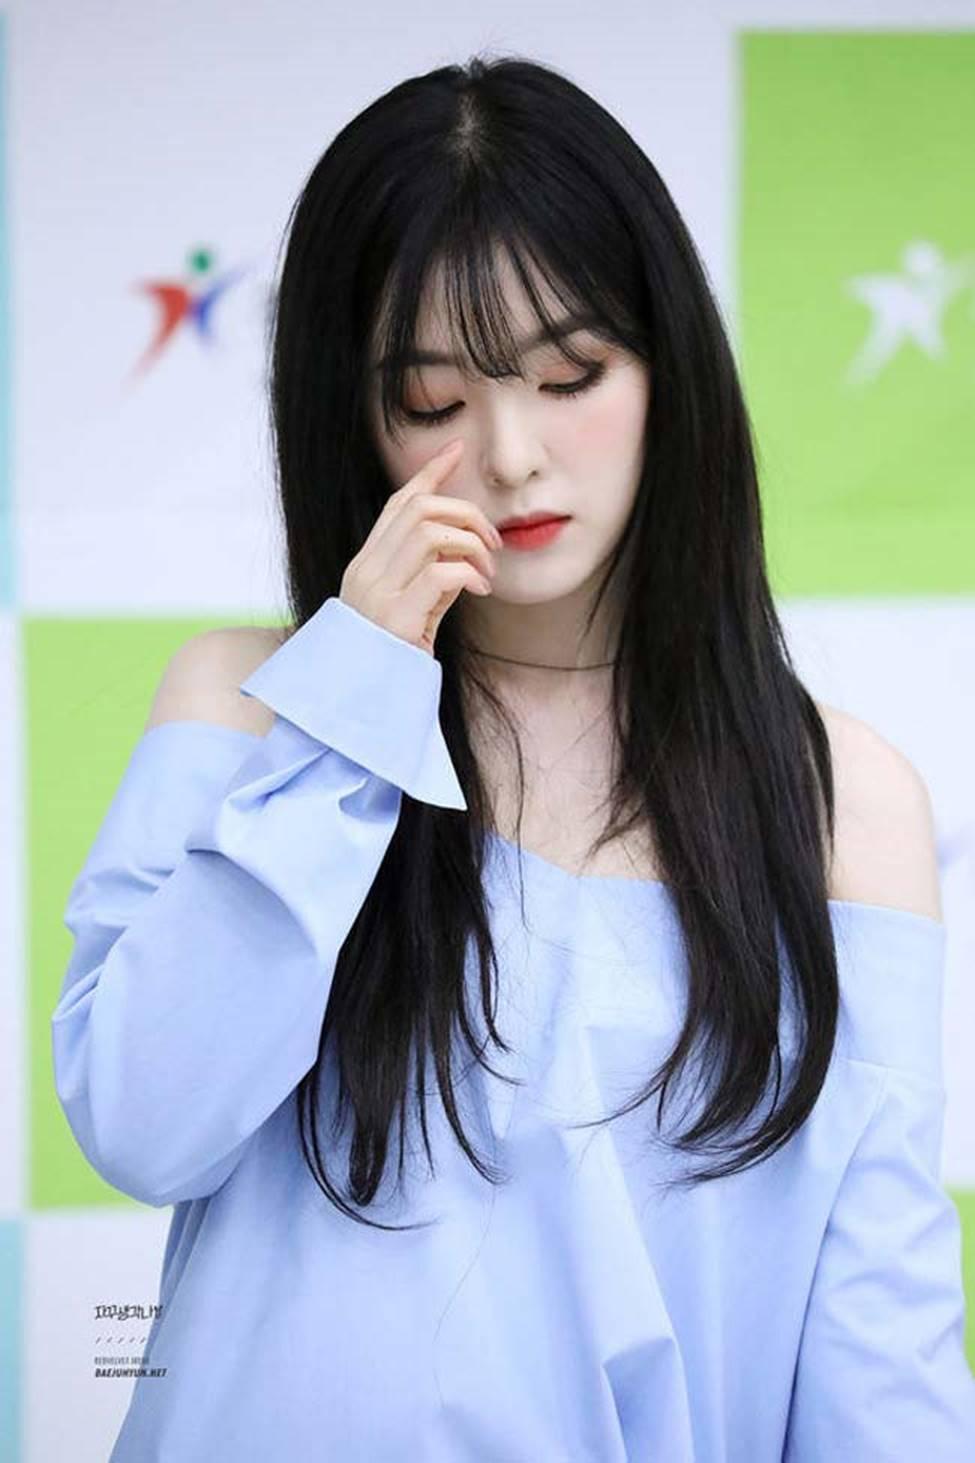 Mỹ nhân Hàn khiến người ta phải khiếp sợ vì quá xinh đẹp-15